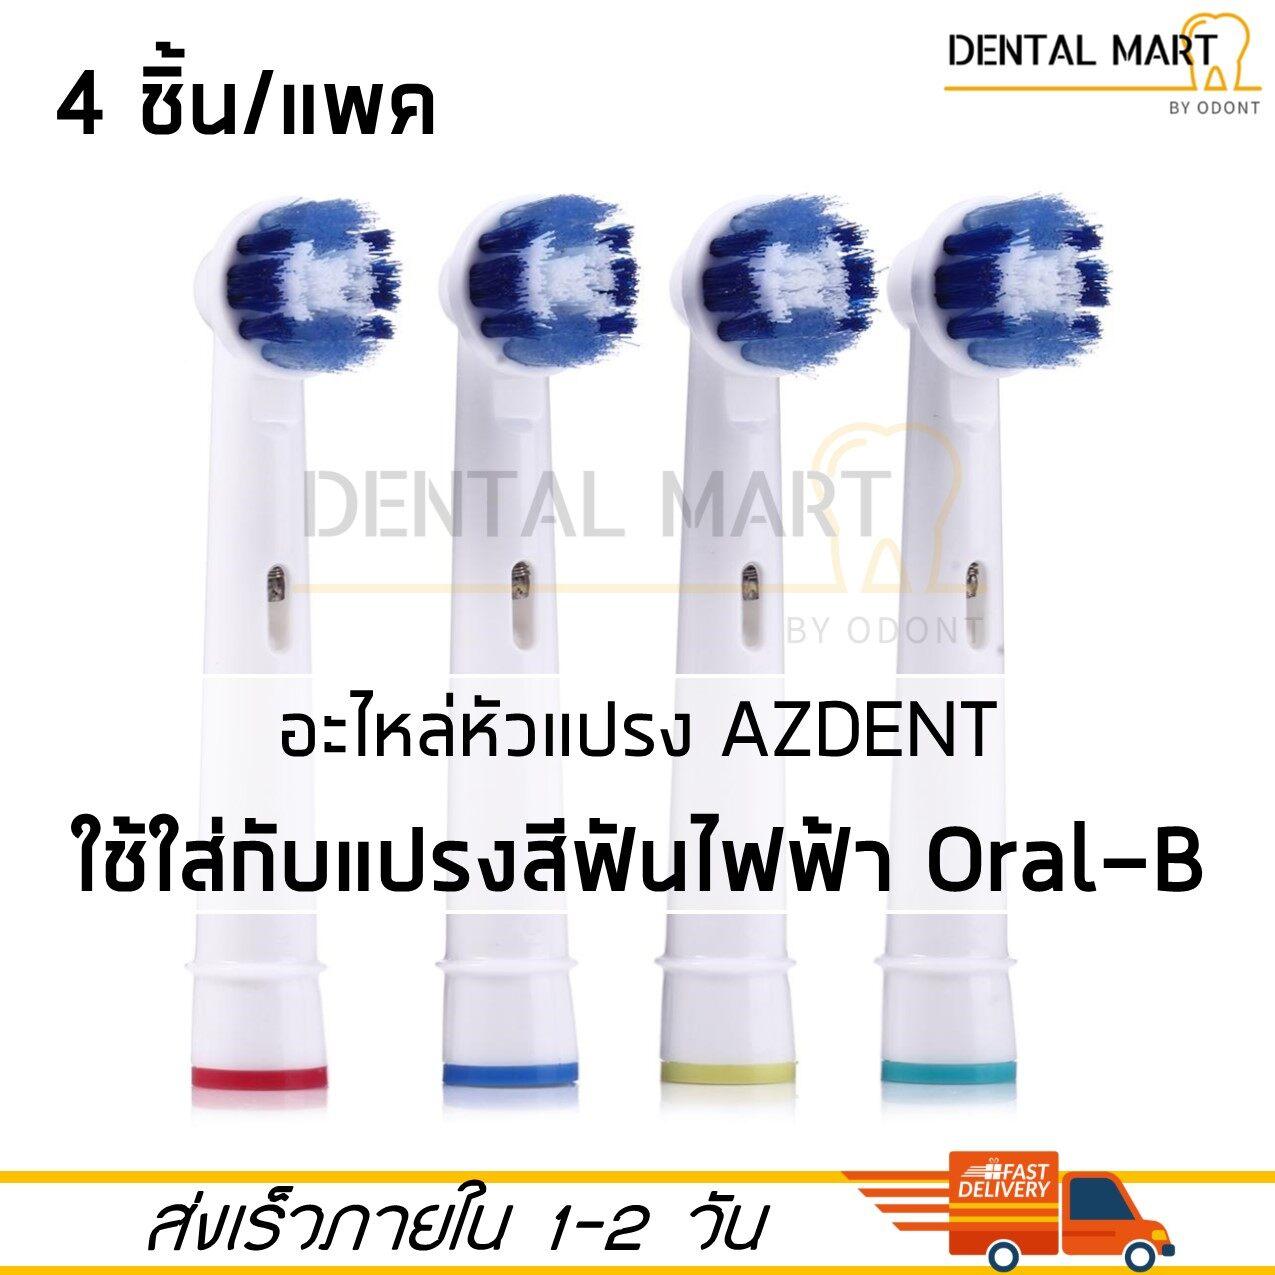 แปรงสีฟันไฟฟ้า ทำความสะอาดทุกซี่ฟันอย่างหมดจด มหาสารคาม หัวแปรงสีฟันไฟฟ้า AZDENT แบบ Precision Clean 4 ชิ้น   ใช้ได้กับแปรงสีฟันไฟฟ้า Oral B